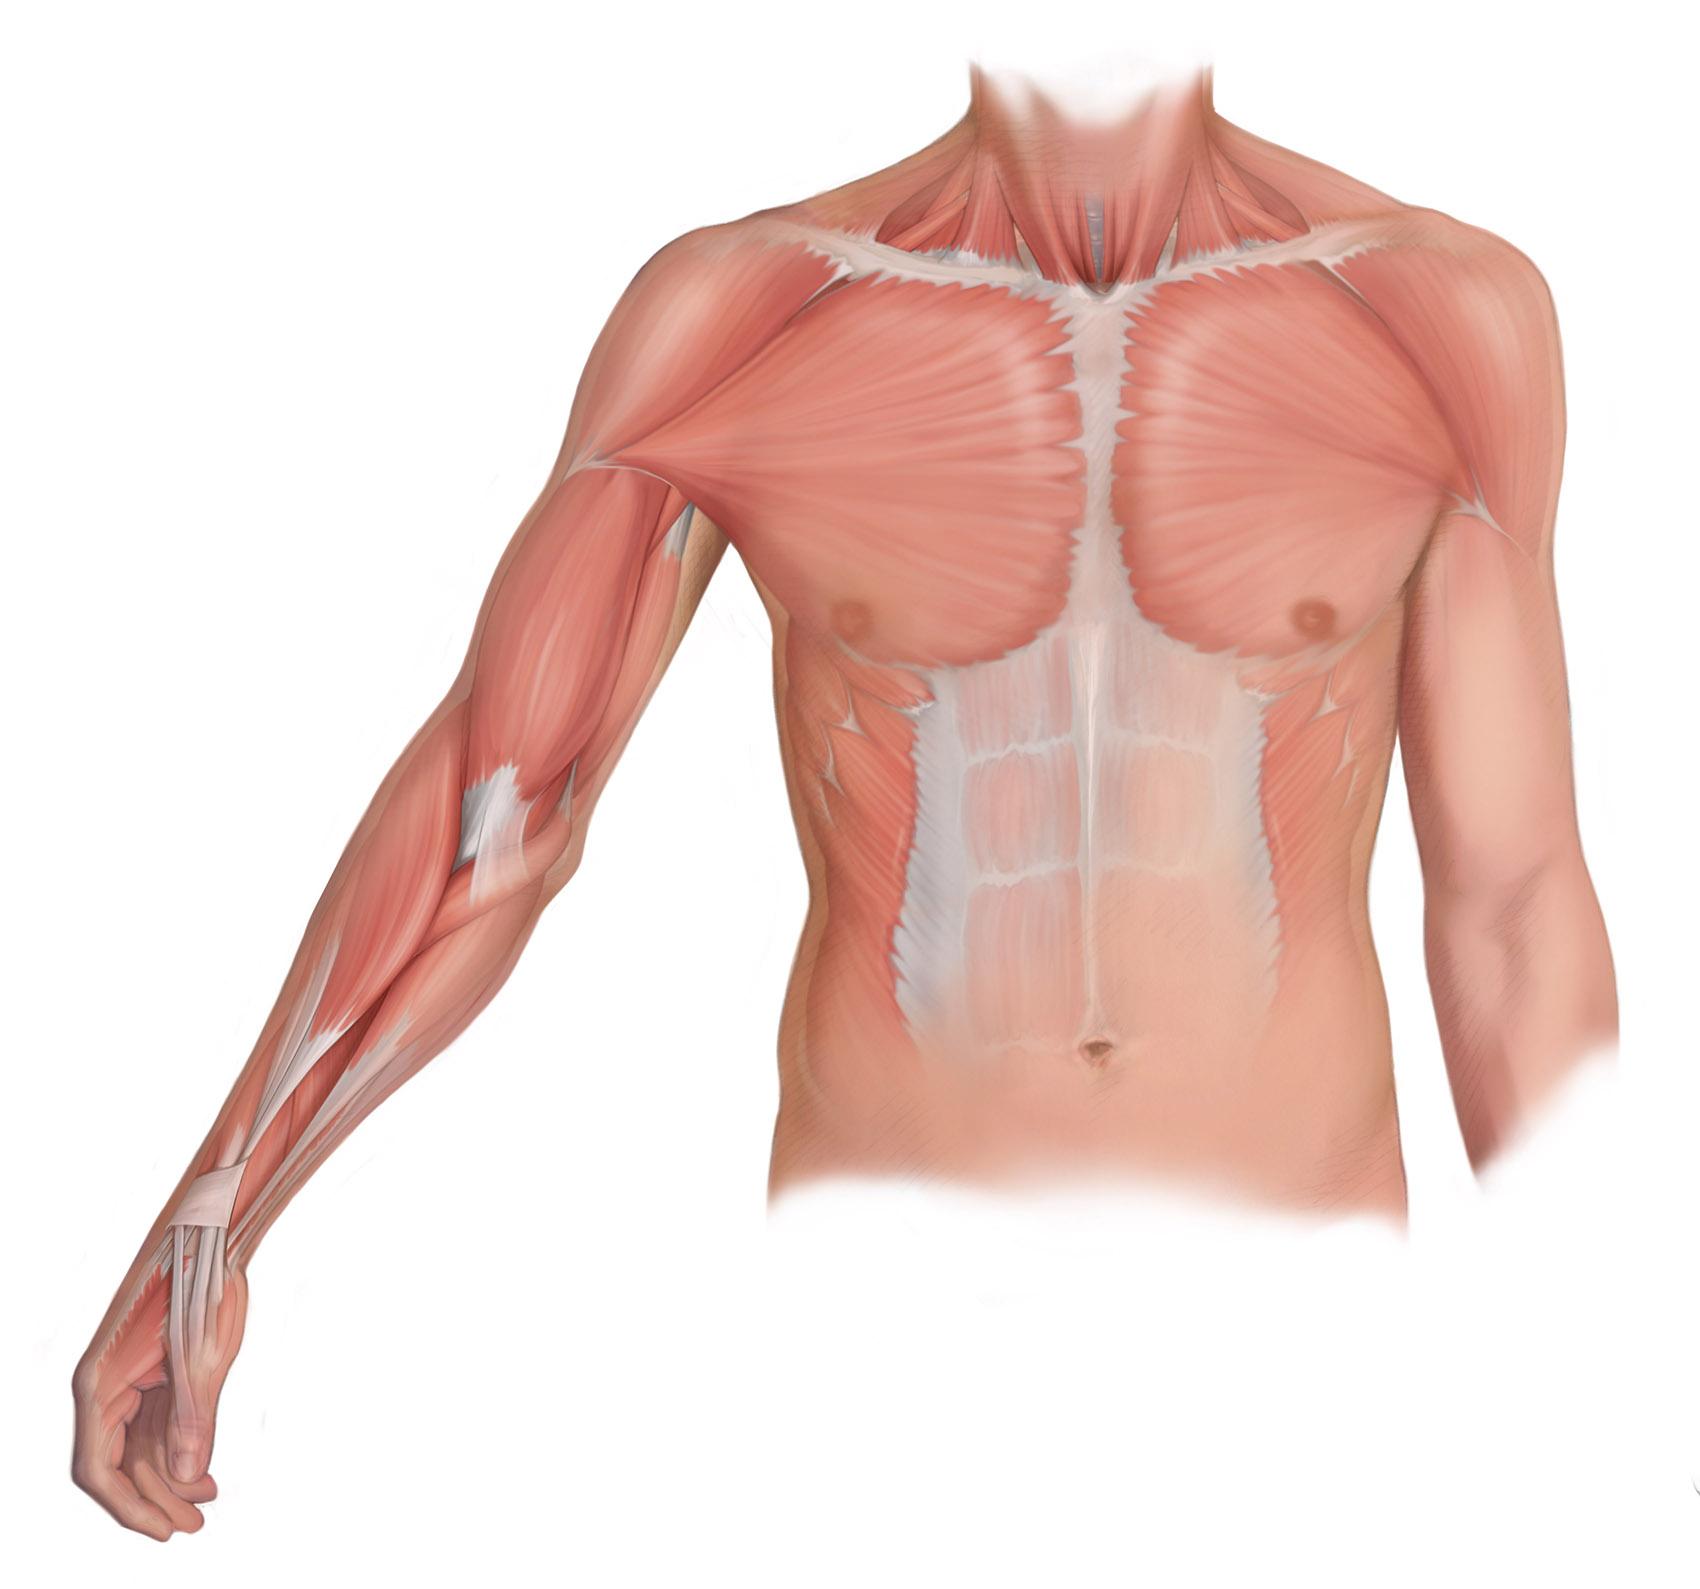 Torso and Upper Limb Muscles